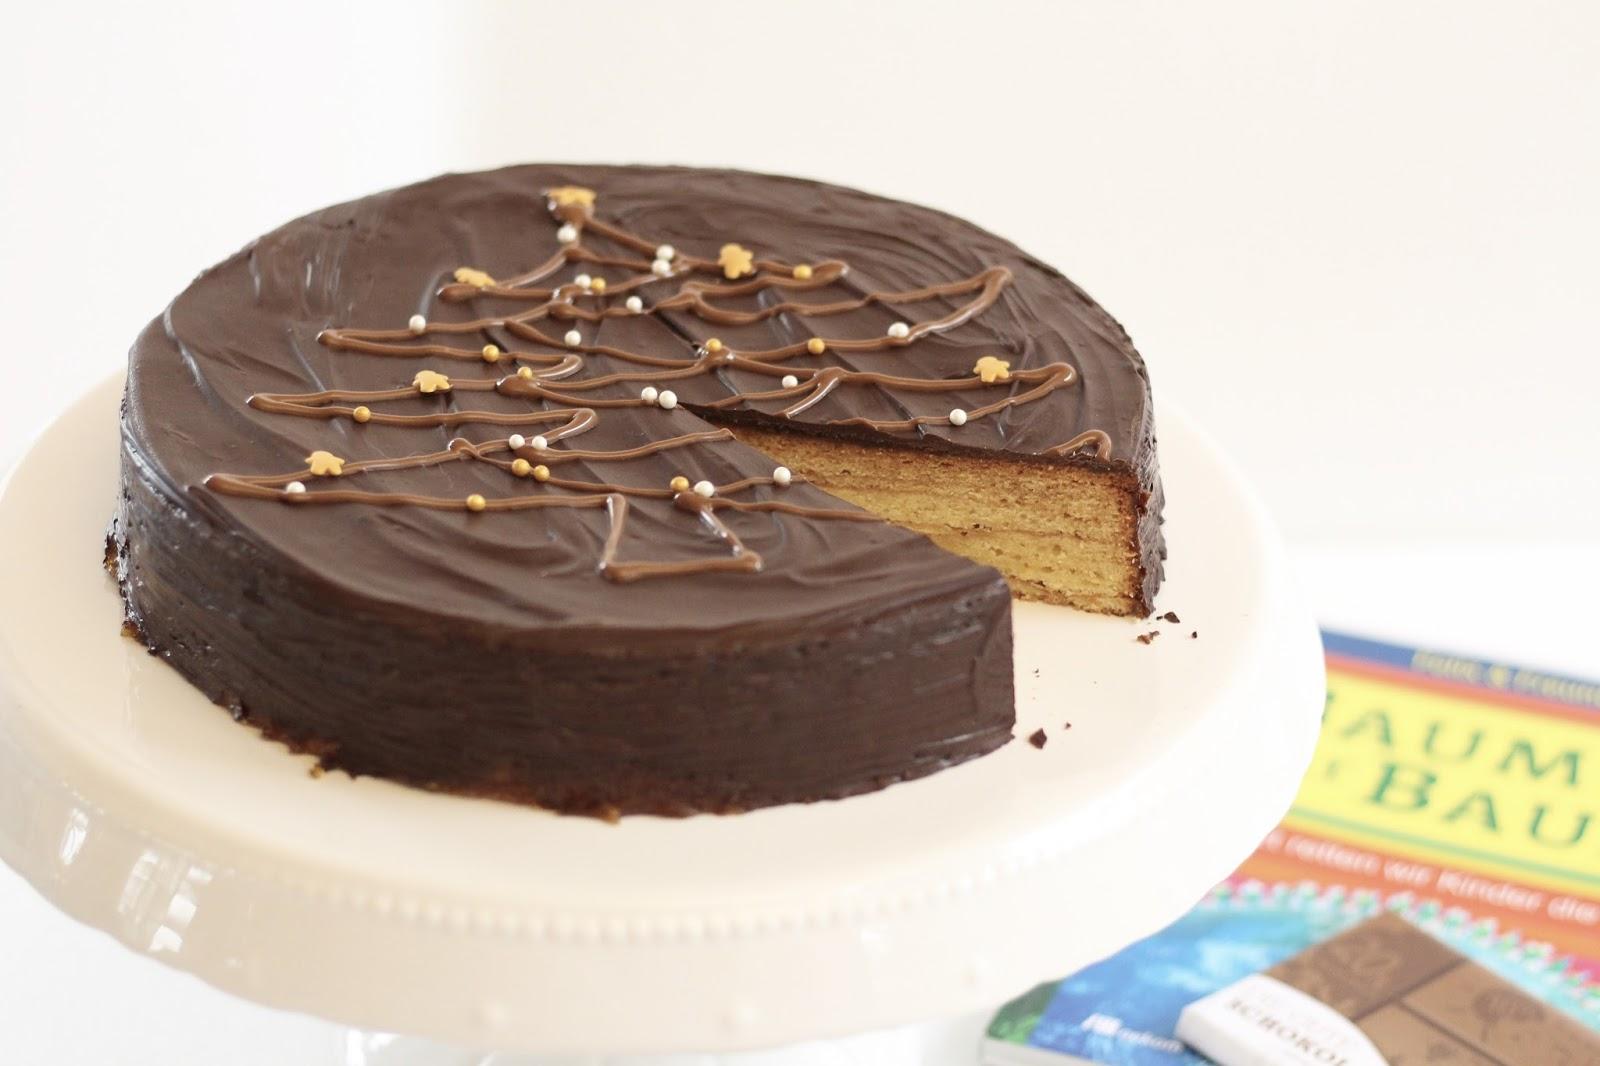 Baumkuchen Torte mit Tannenbaum Dekoration von Die gute Schokolade